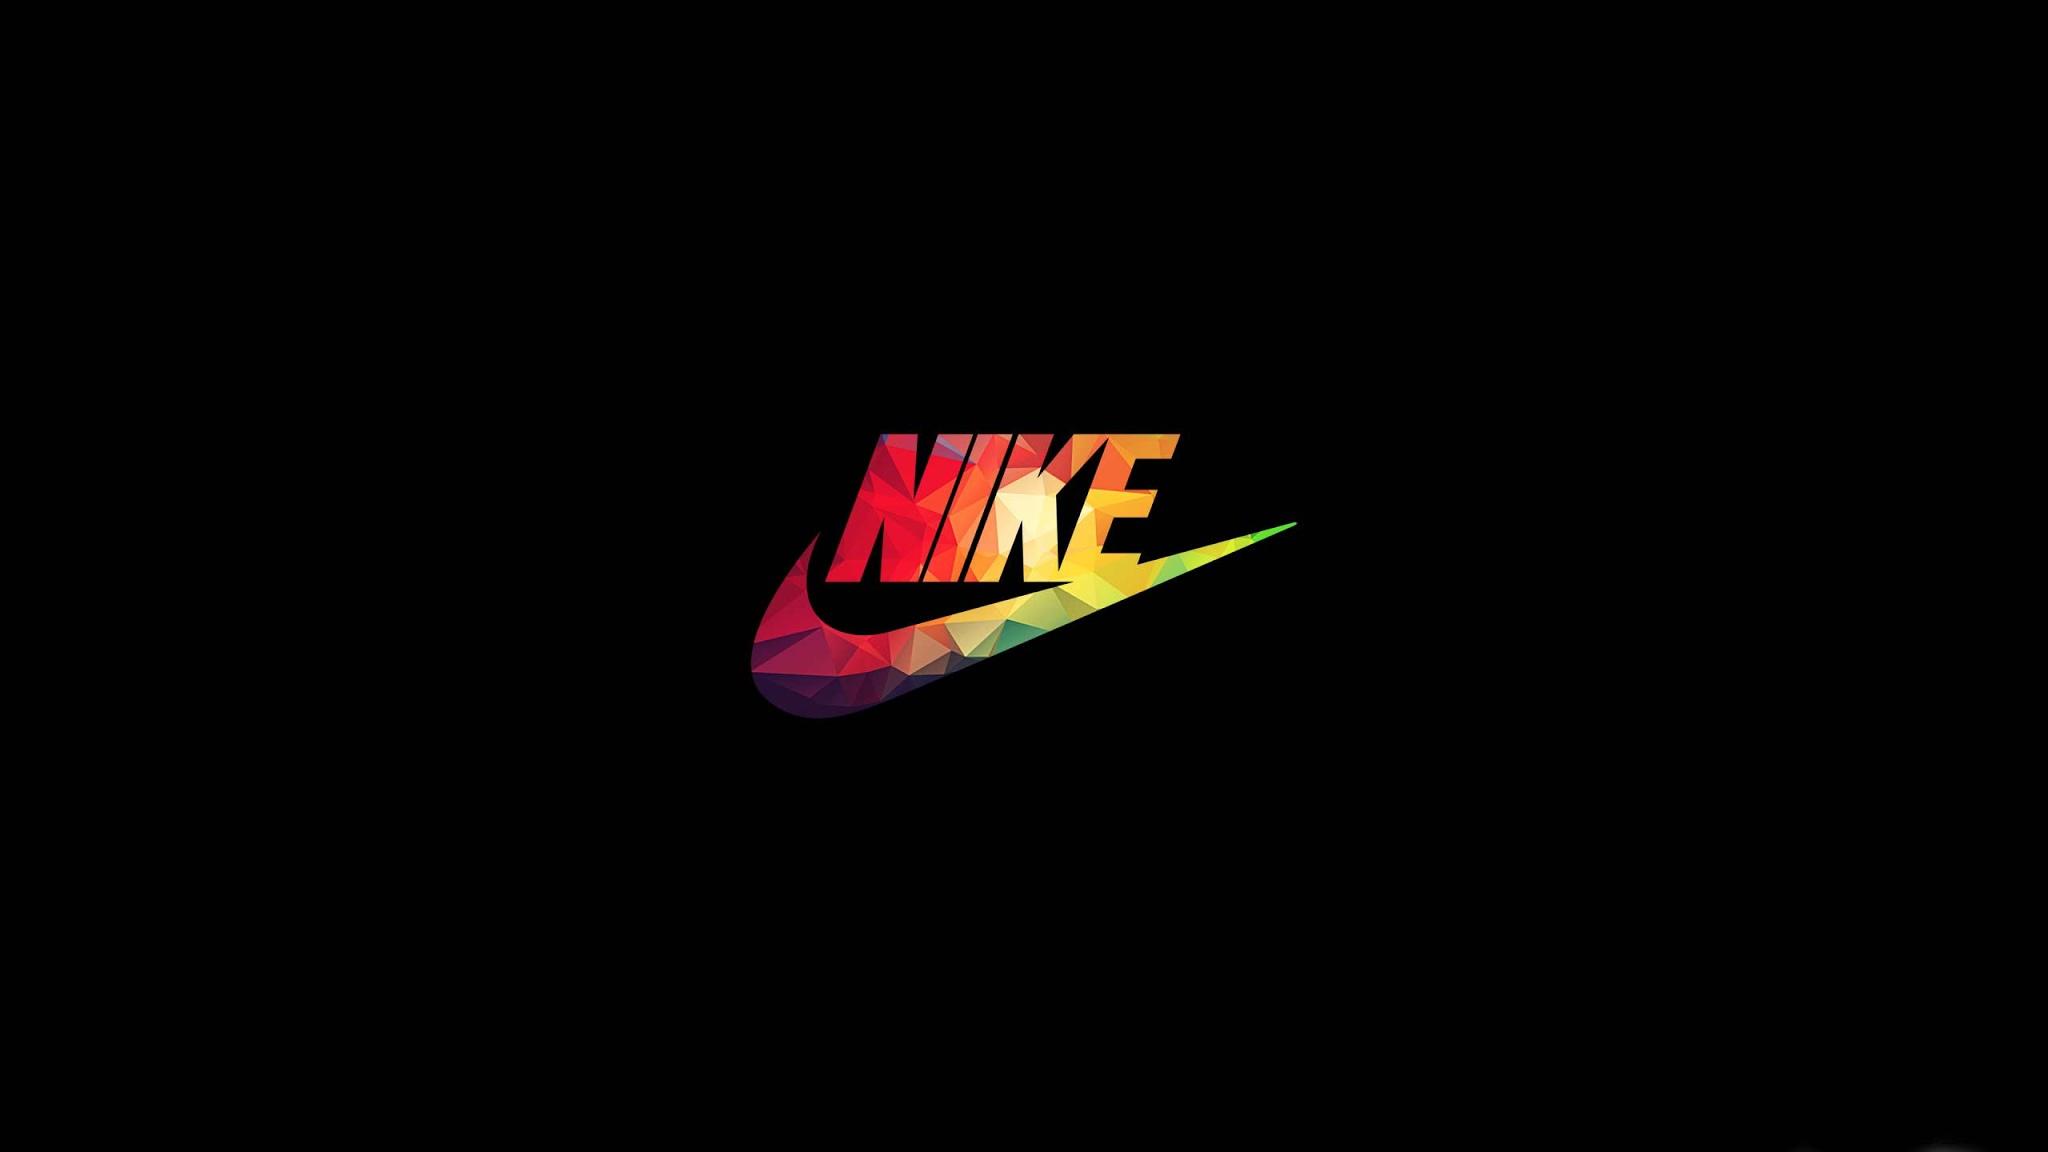 Iphone S Nike